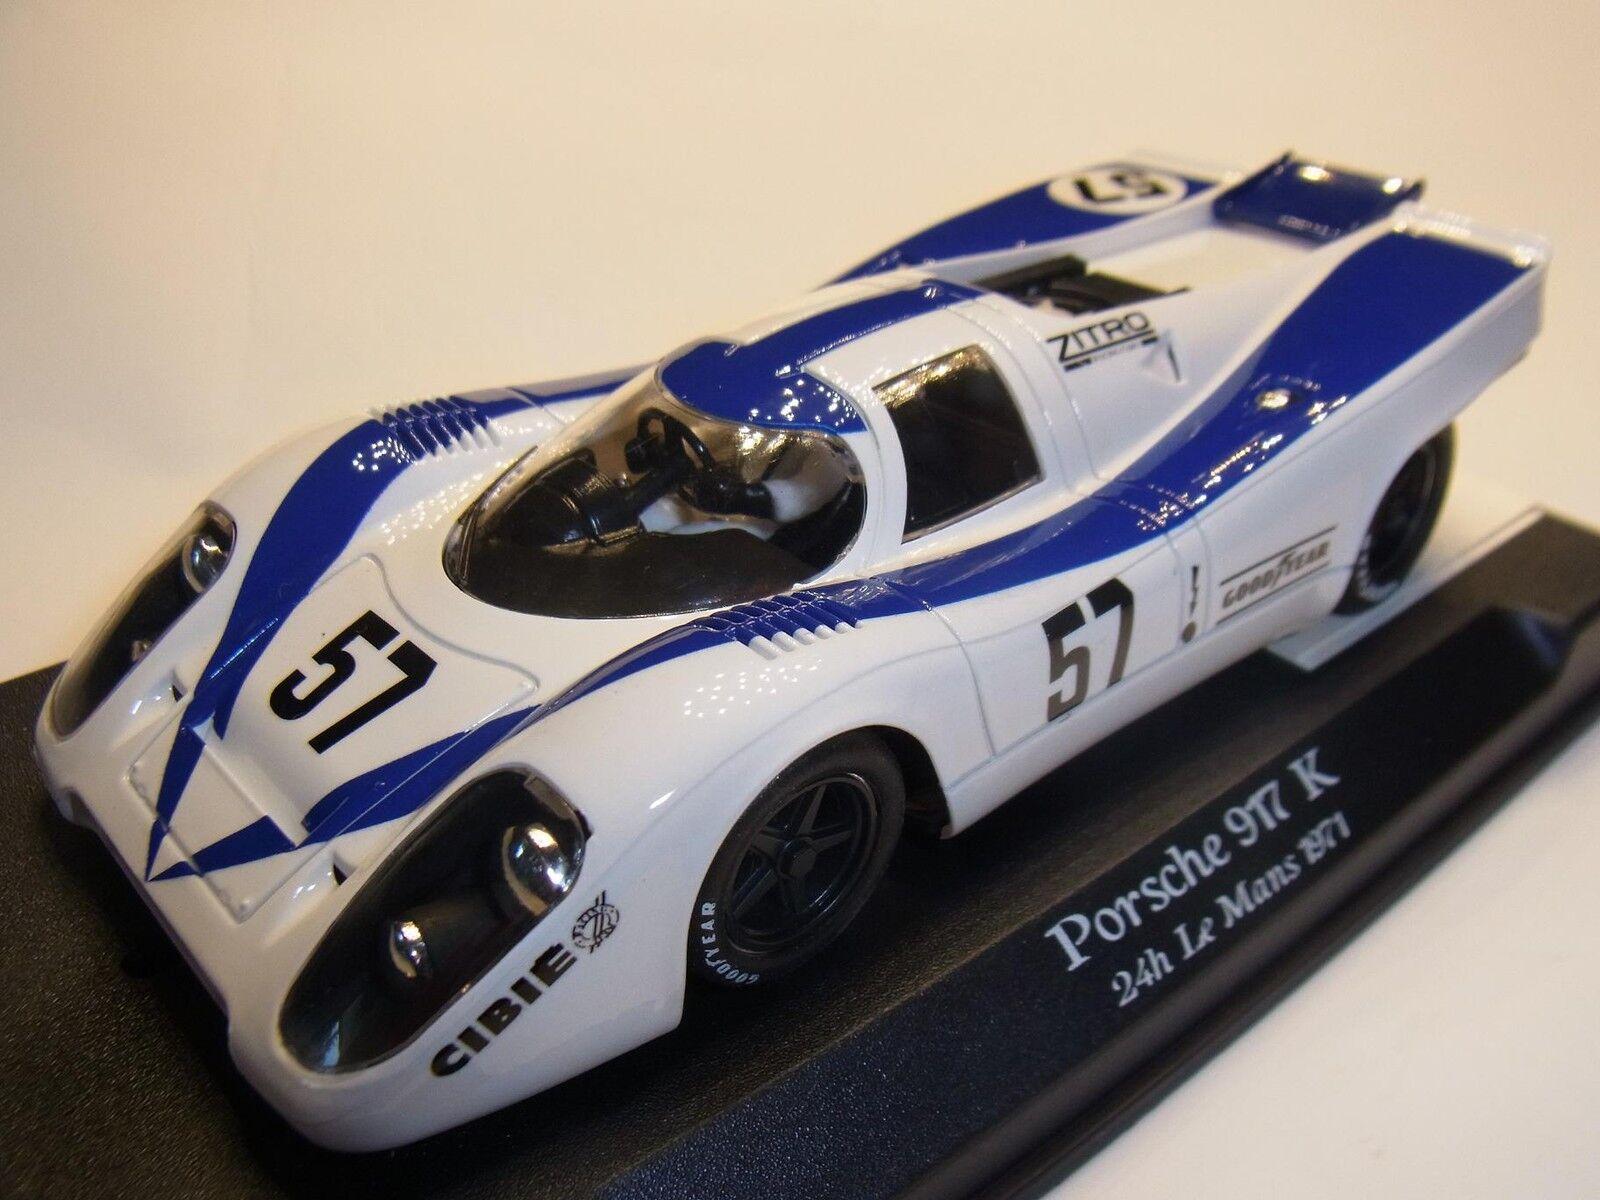 NSR Porsche 917k Le Mans 1971 para Circuito de Slot 1 3 2 Coche Slot